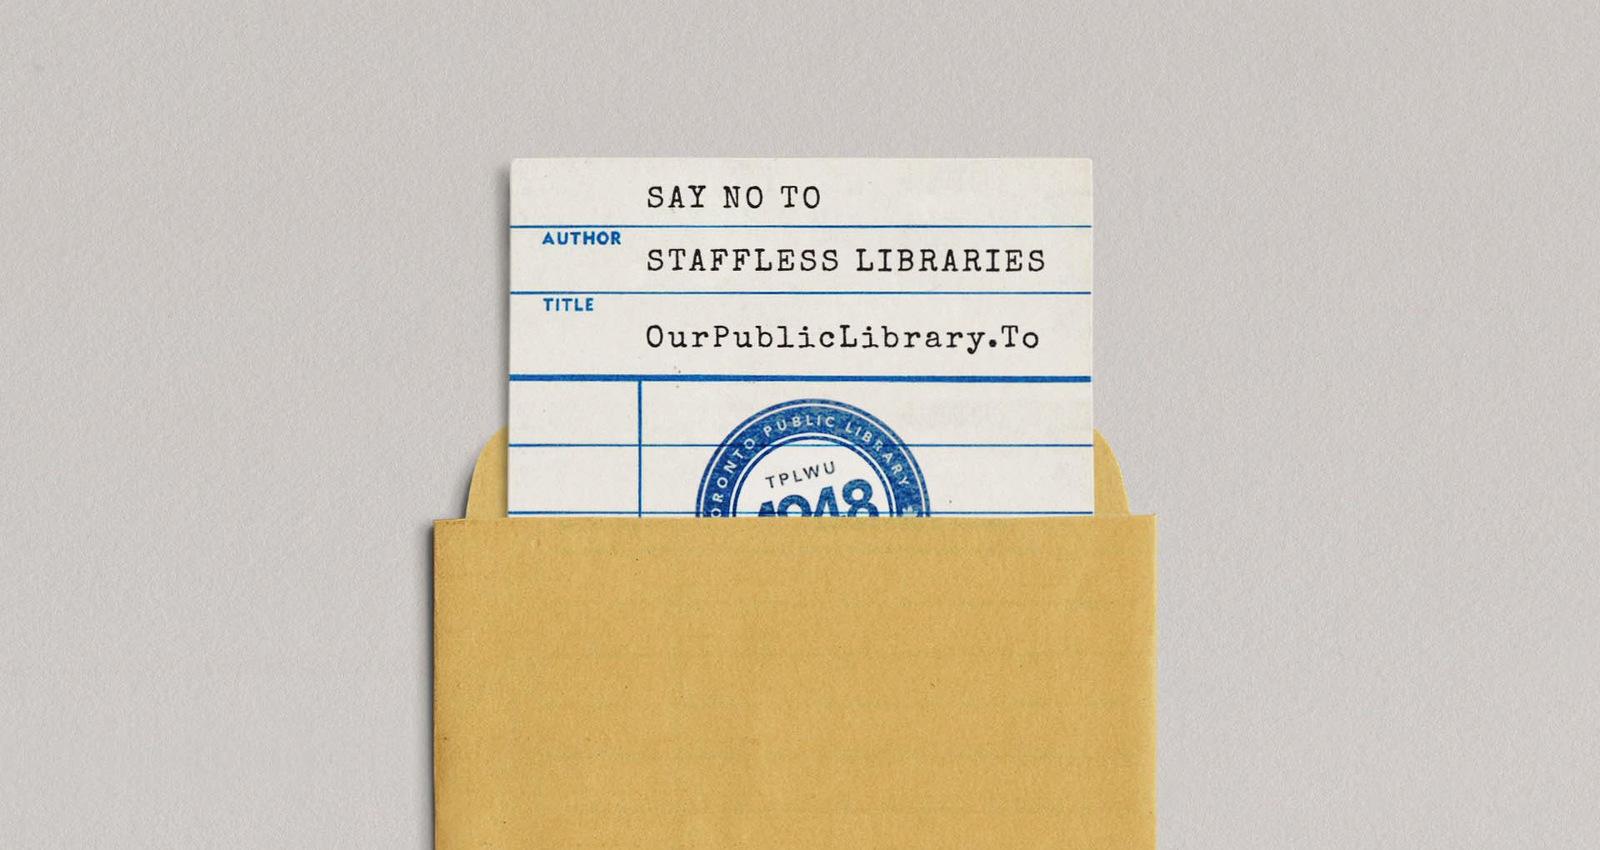 Staffless Libraries